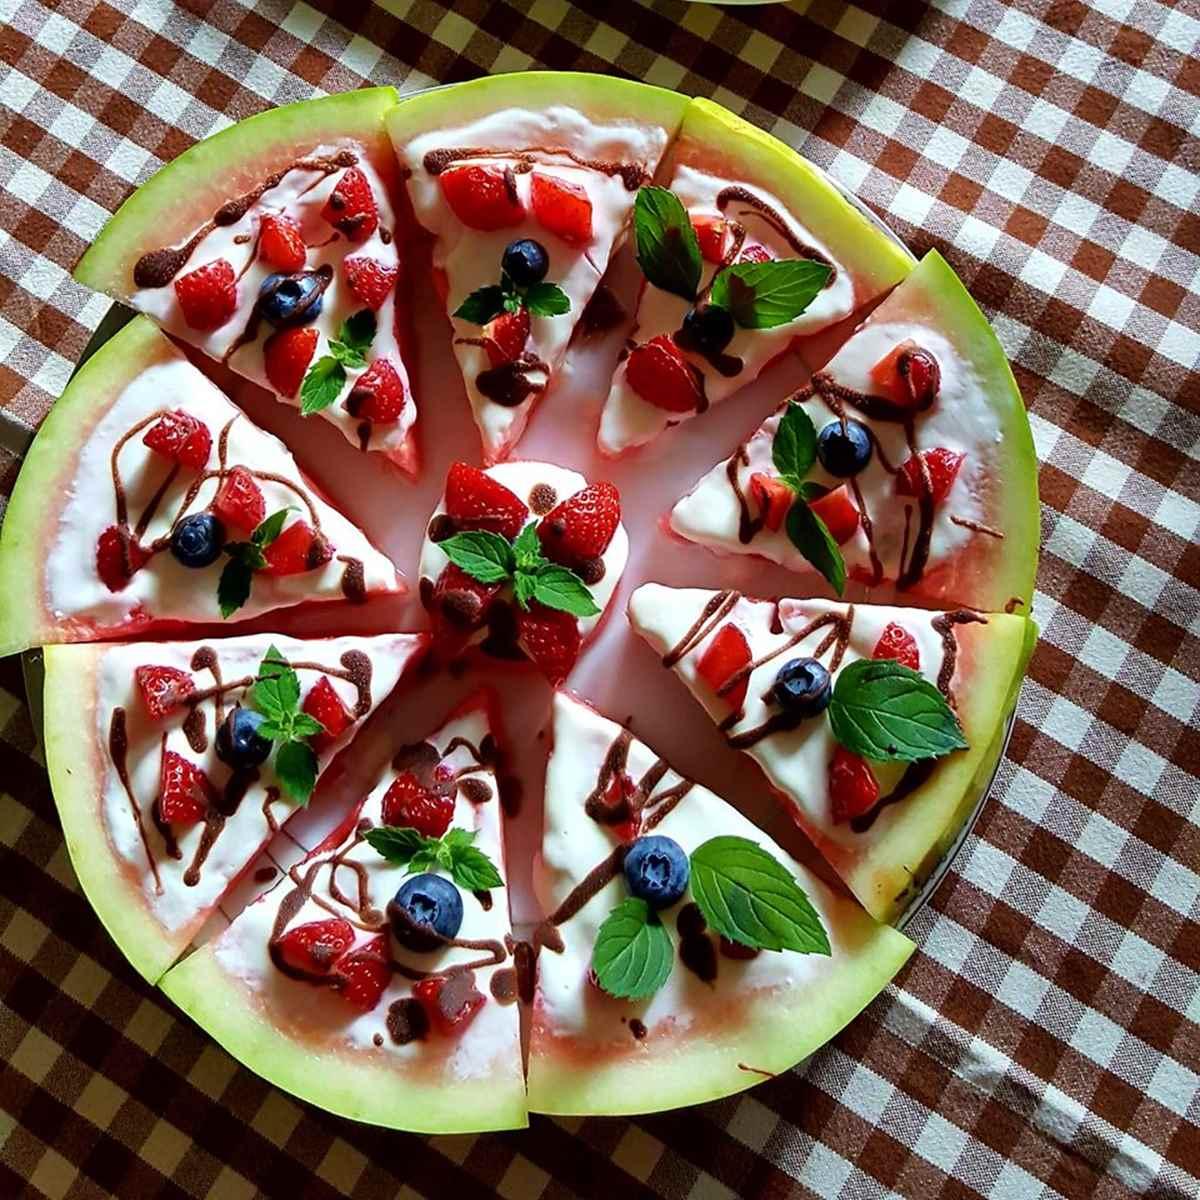 """Arbūzo, natūralaus jogurto ir uogu """"pica"""" - gaivinantis desertas"""